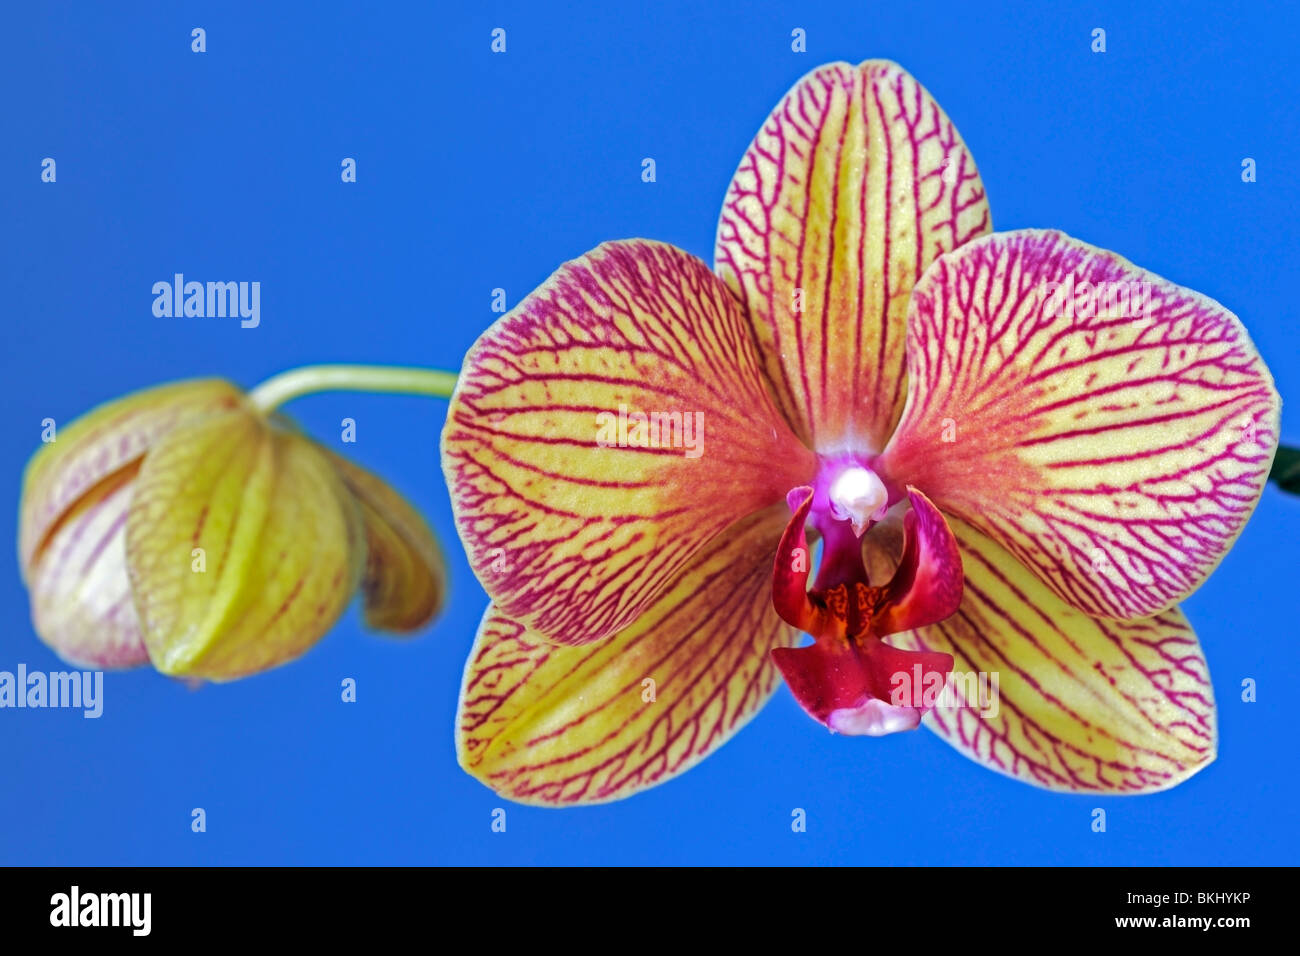 La symétrie bilatérale attrayant dans une espèce d'orchidée Photo Stock